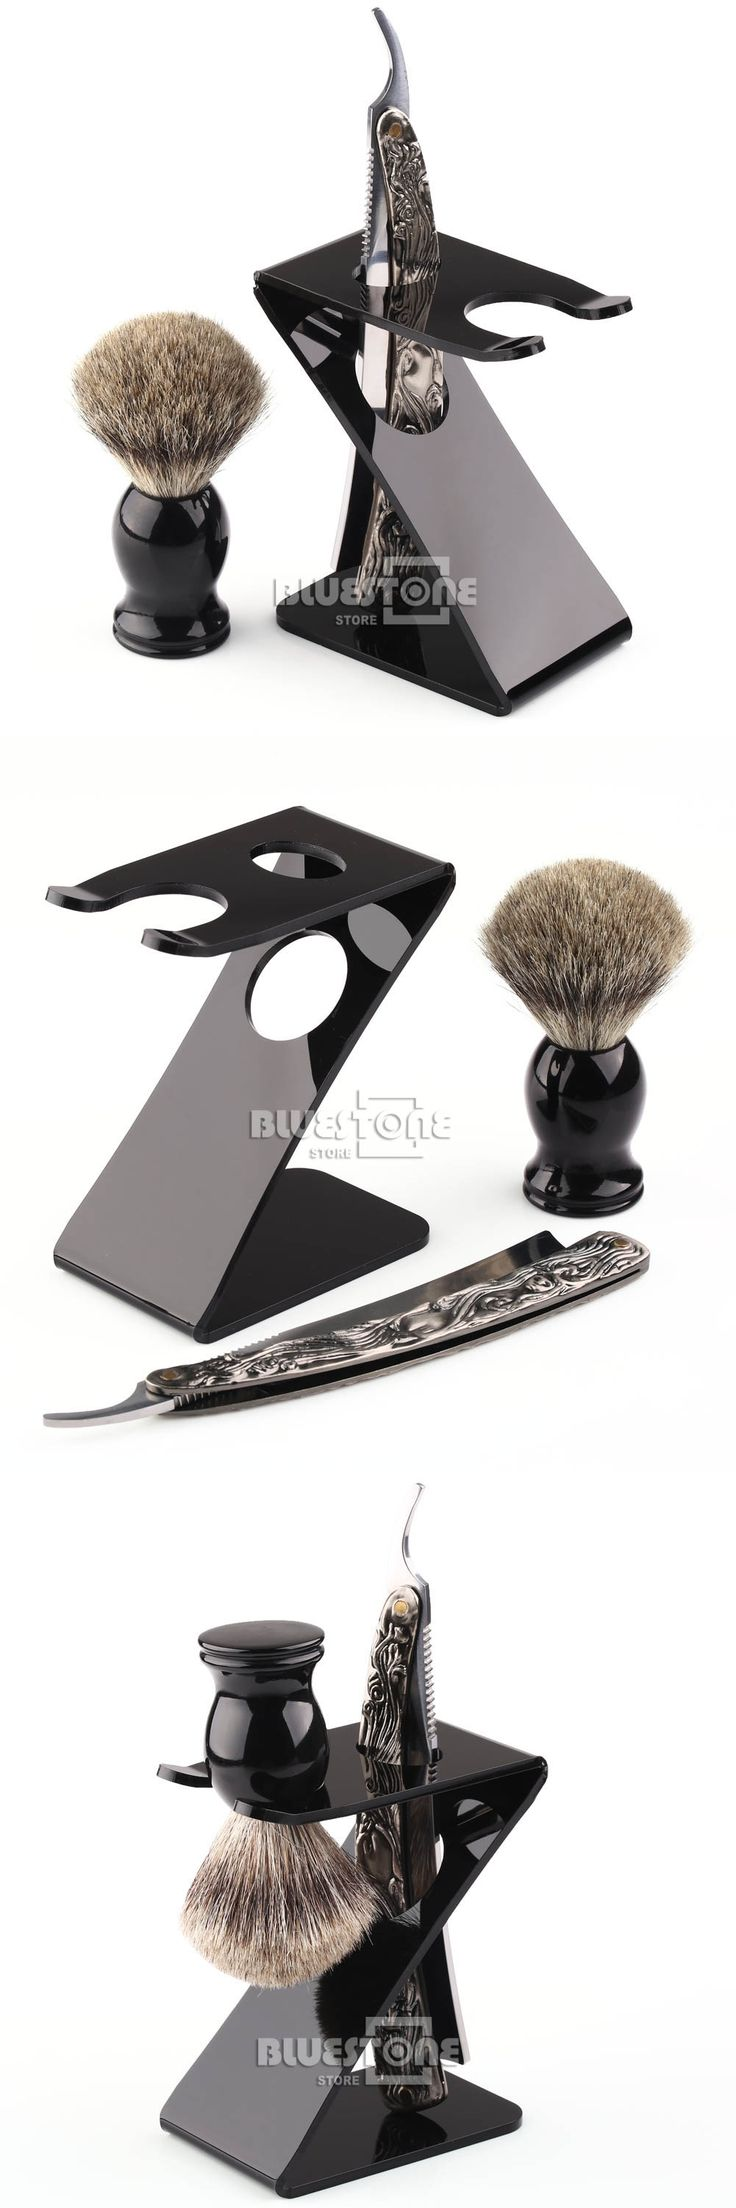 Shaving Brush Stainless Steel Barber Razor Folding Straight Knife Z Stand Brush Holder 3in1 Set Free Shipping